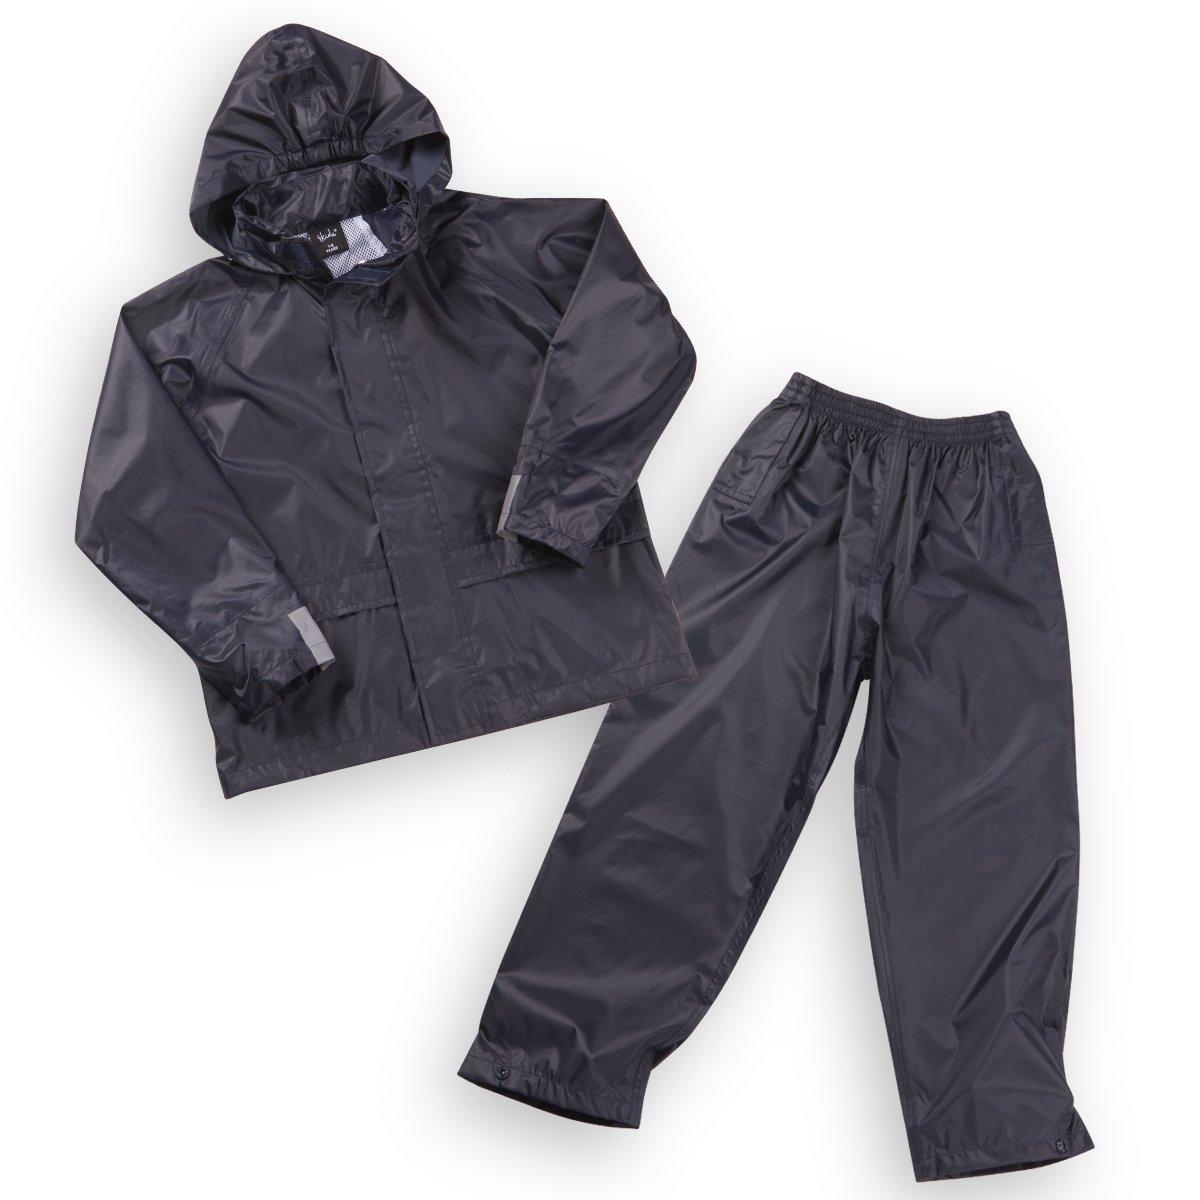 4Kidz Kids Waterproof Jacket & Pants - Children's Rain Suit Set Navy 5-6 Years